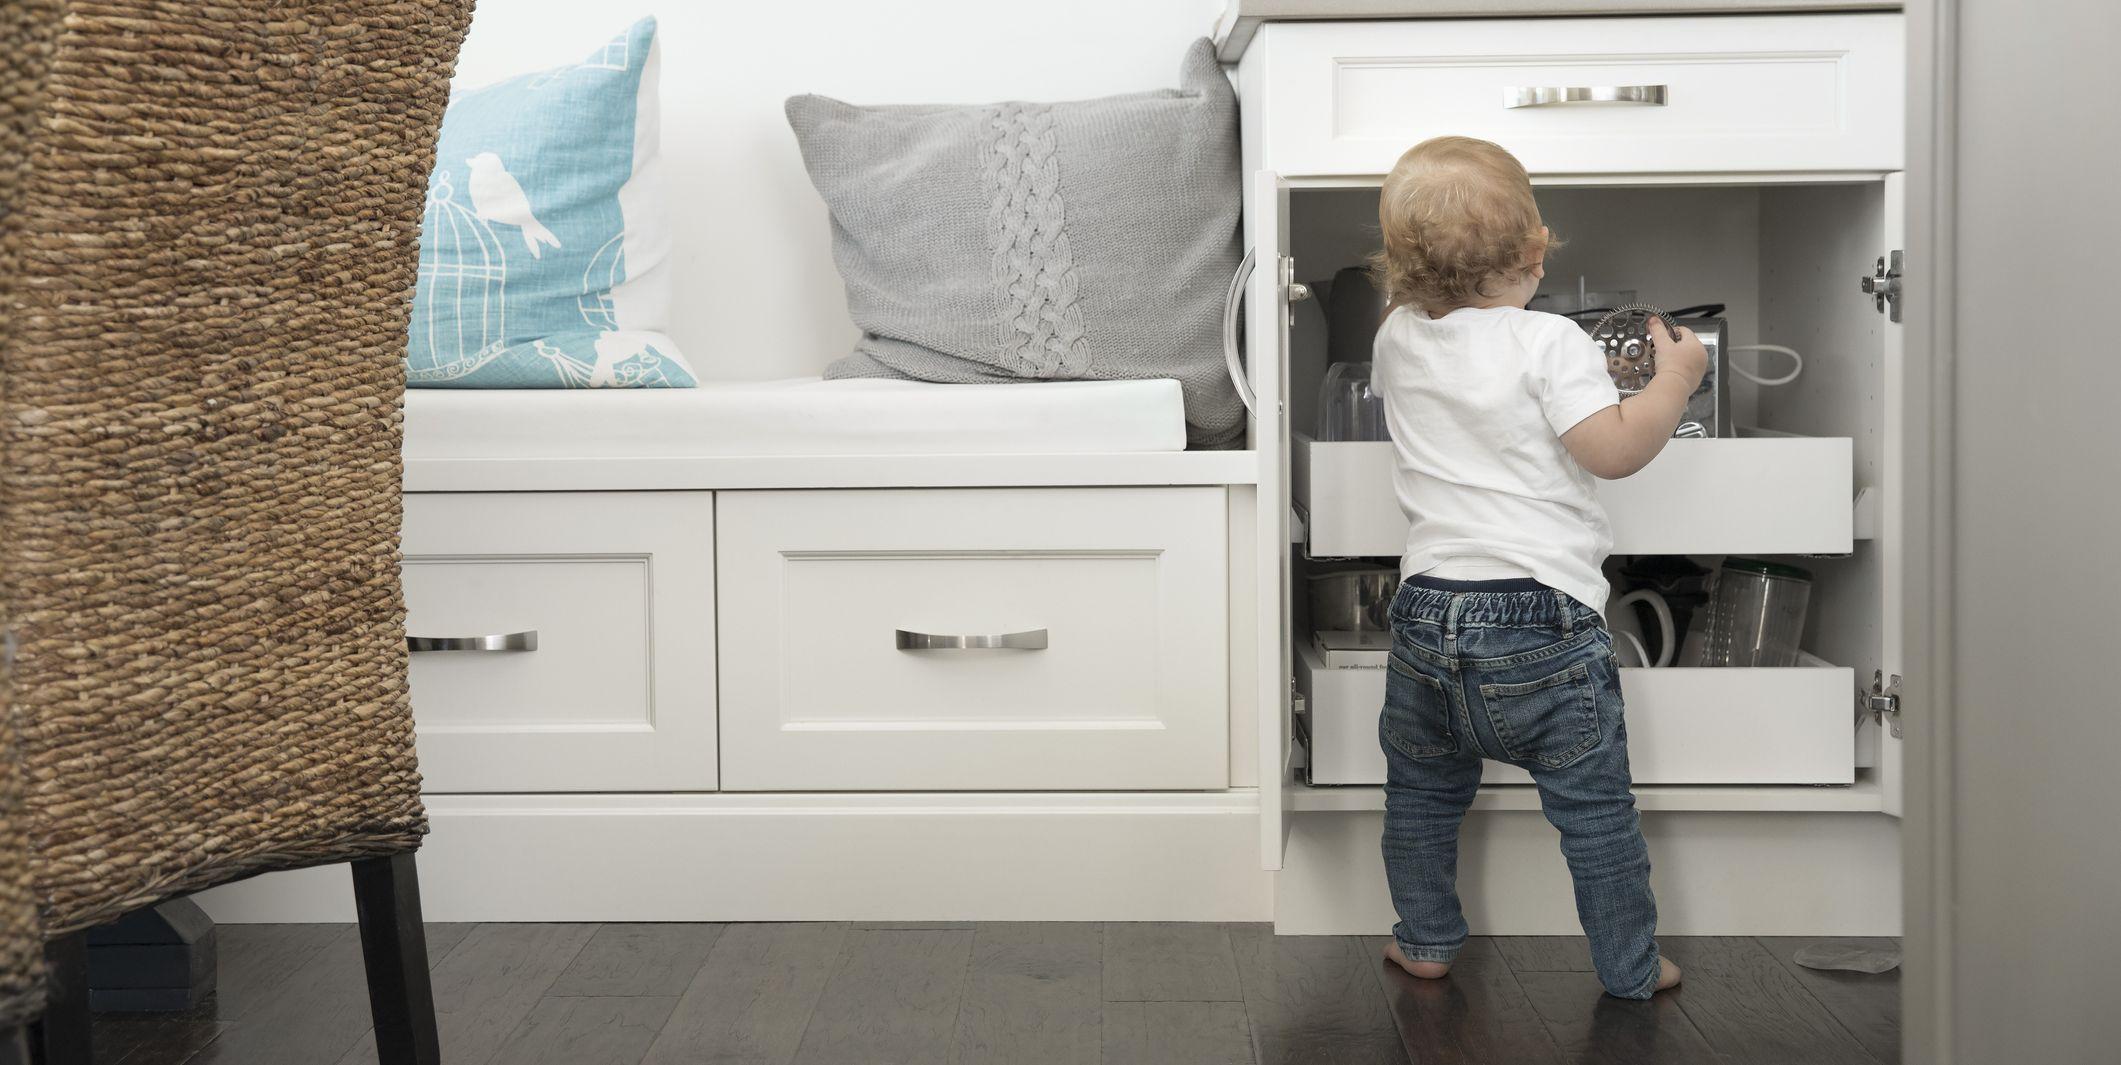 evitar accidentes domésticos en casa con niños